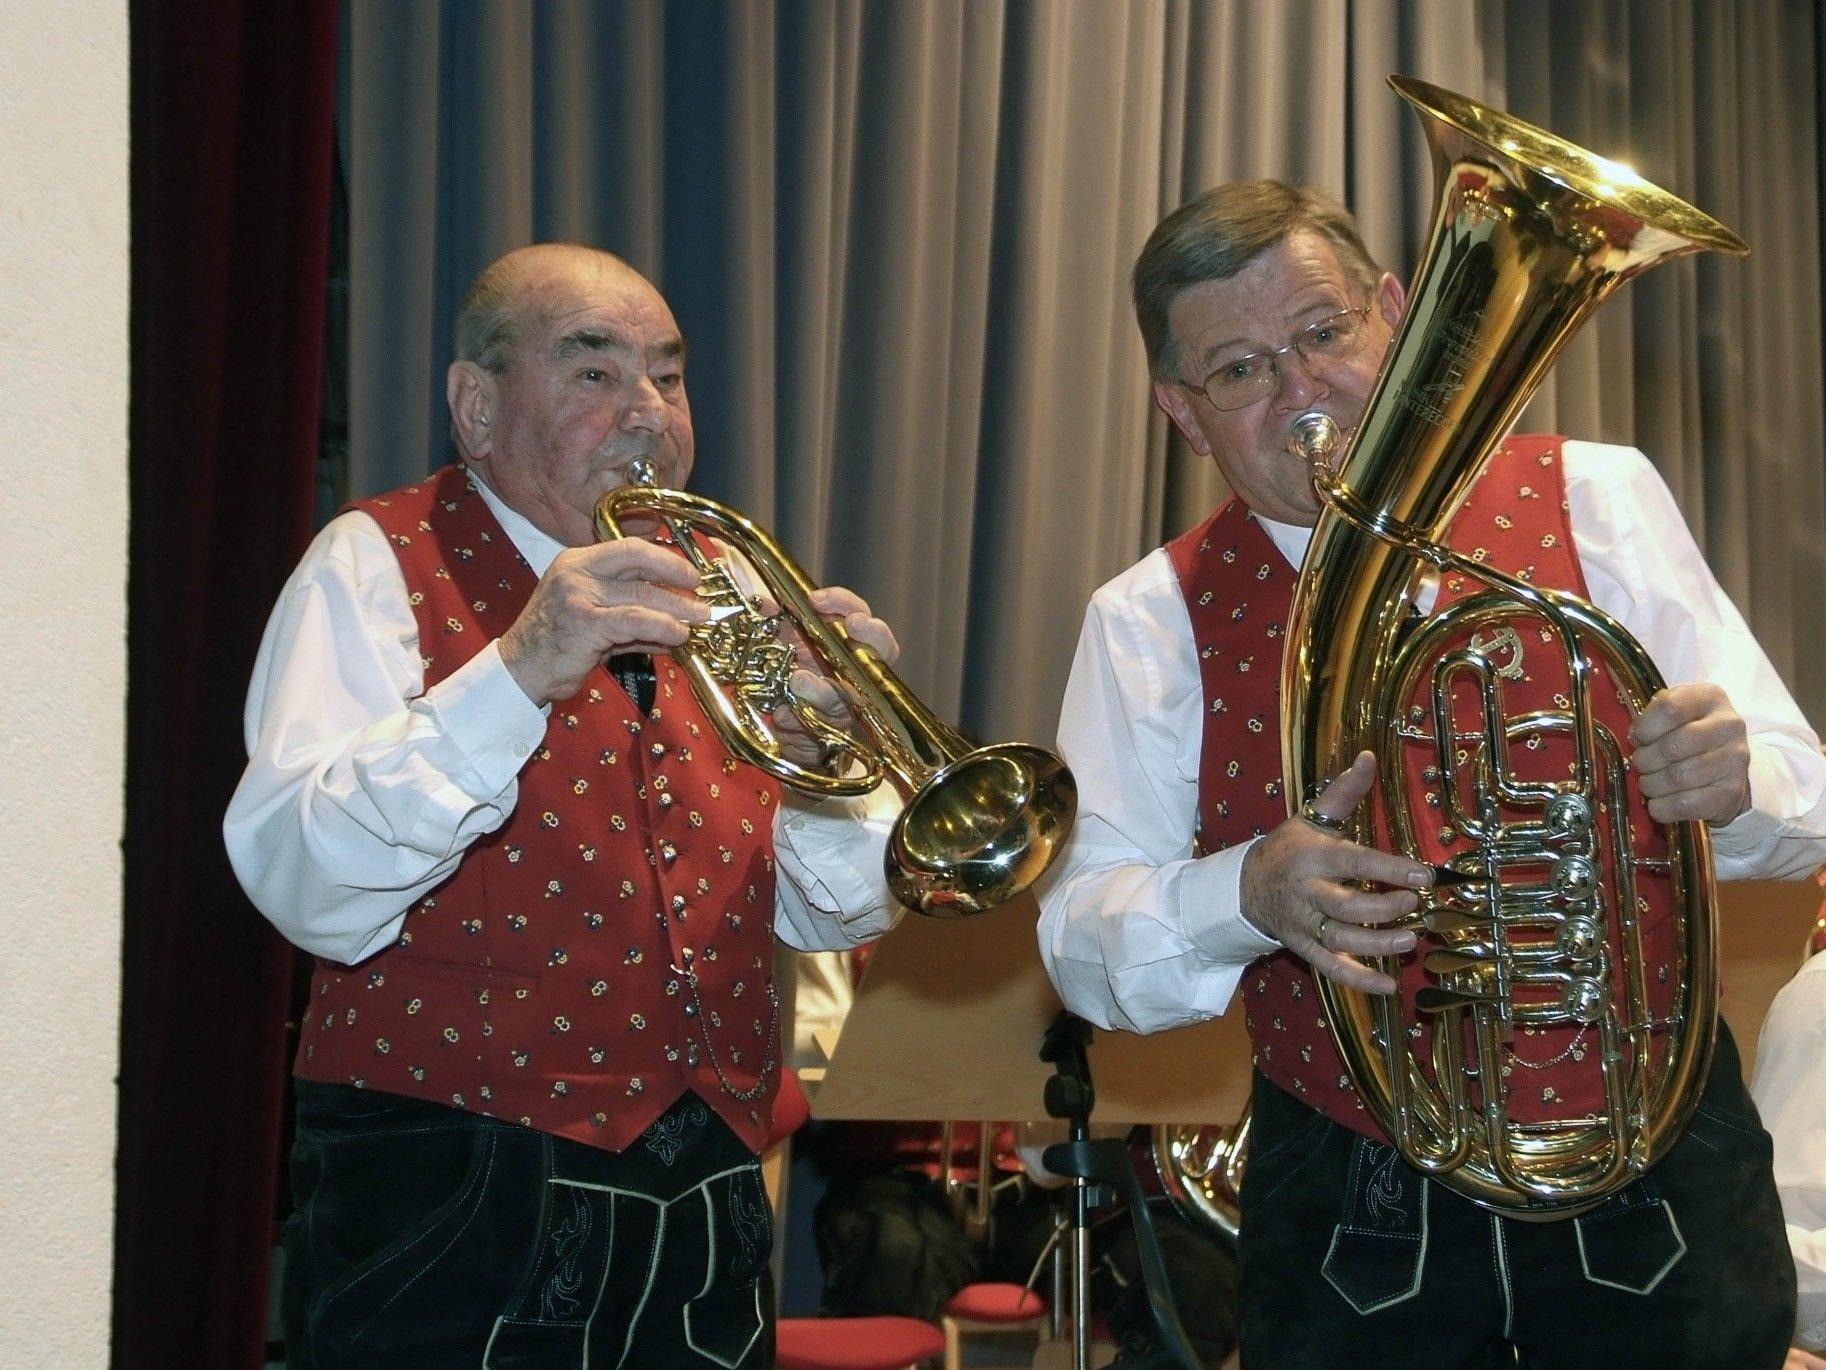 Immer noch musikalisch gut drauf: Kurt Burtscher und Bertram Gamohn.